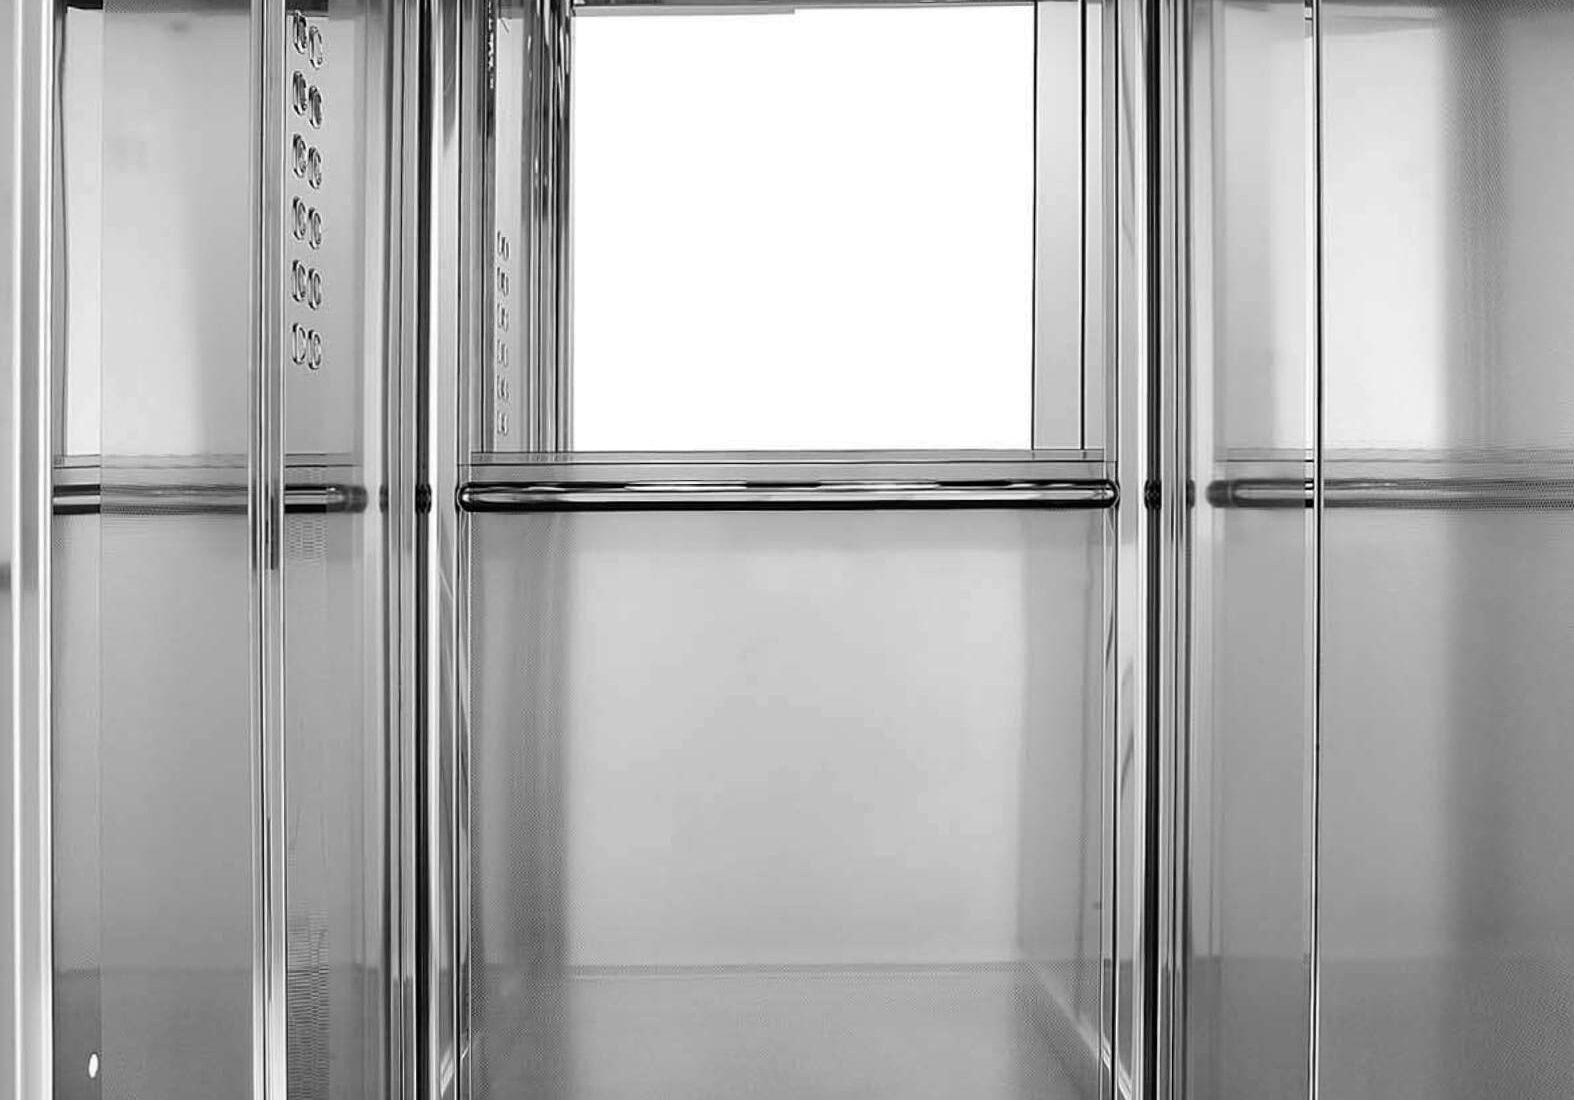 cabina inox-1